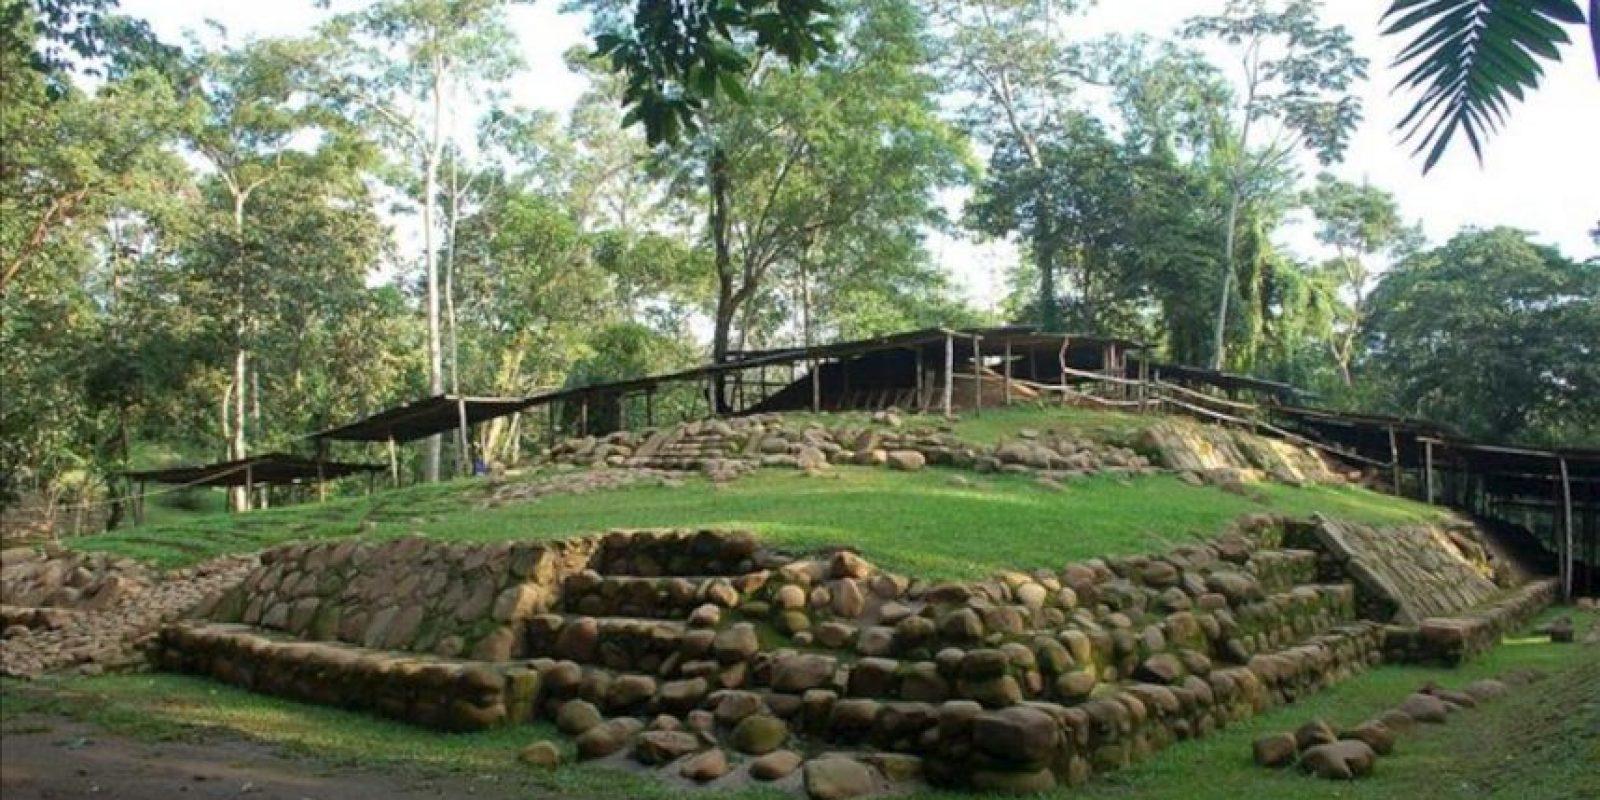 """Fotografía cedida por el ministerio de Cultura de Guatemala muestra el Parque Nacional Arqueológico Tak'alik Ab'ajImagen donde se encontró la tumba del gobernante """"K'utz Chman, que en lengua Mam significa """"Abuelo Buitre"""", considerado el más antiguo de la era maya en Mesoamérica, descubierta en junio pasado, ubicado en el municipio de El Asintal (Guatemala). EFE"""